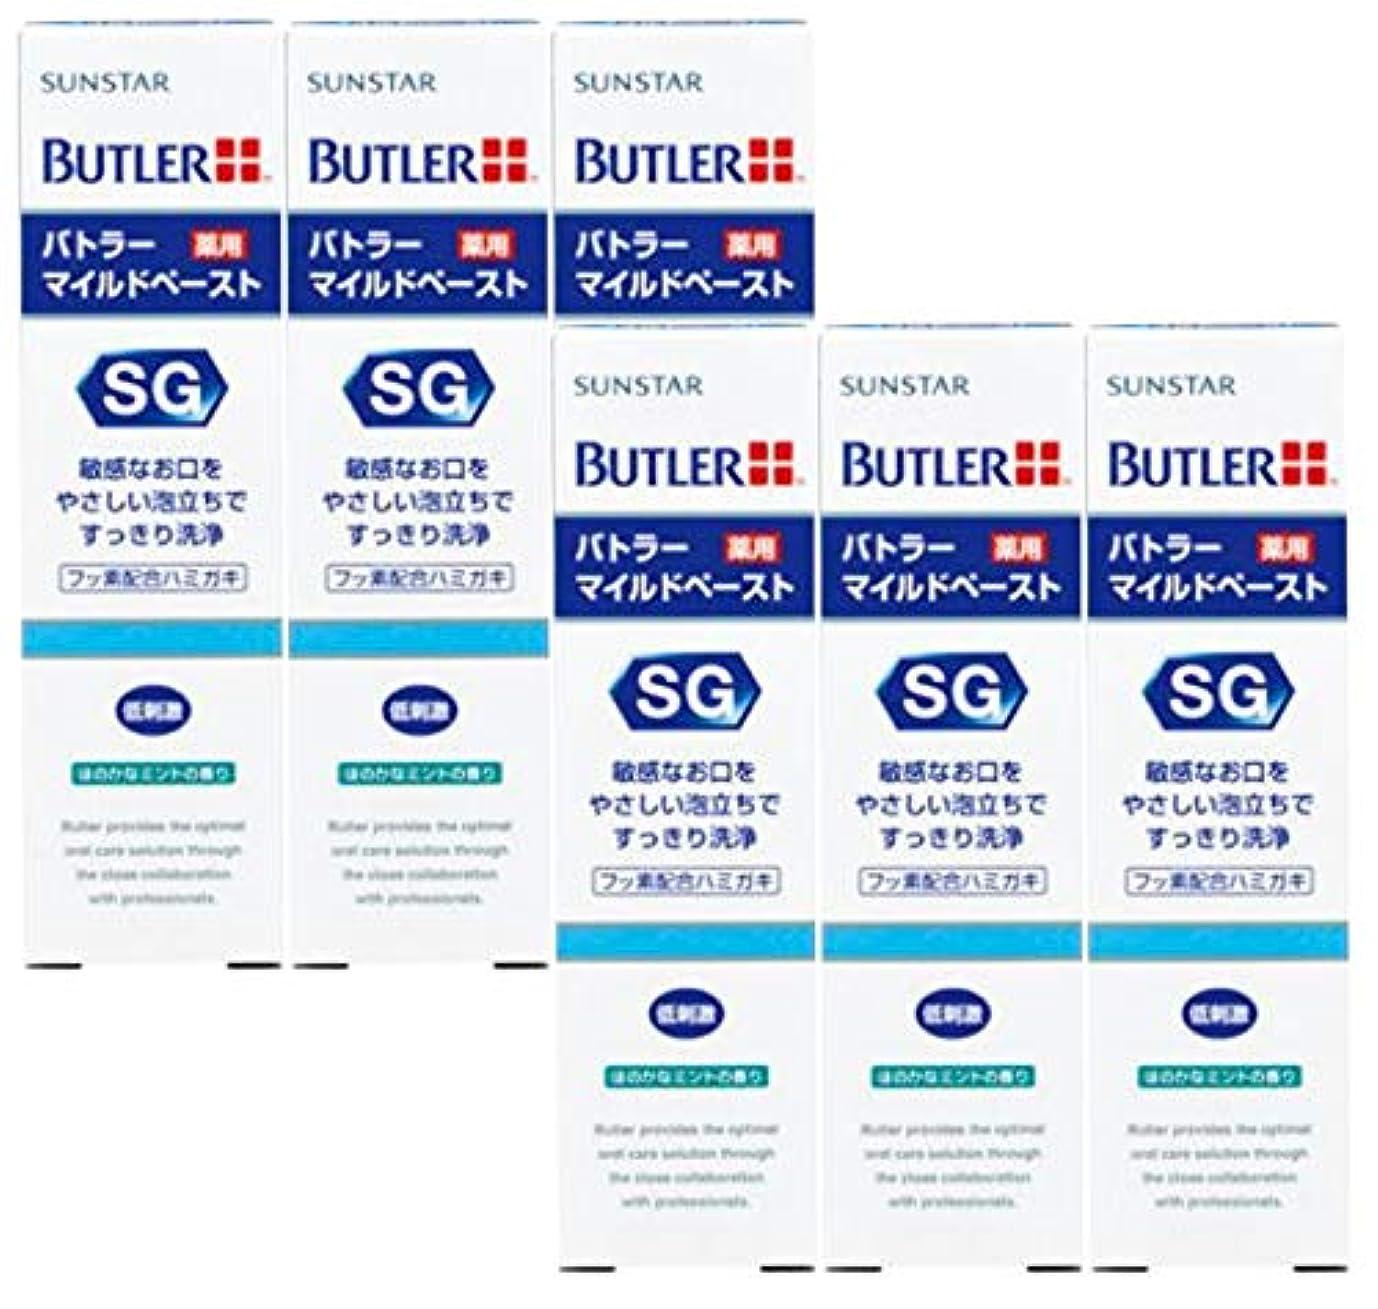 盗賊リクルート汚染するサンスター(SUNSTAR) バトラー(BUTLER) マイルドペースト 25g × 6本 医薬部外品